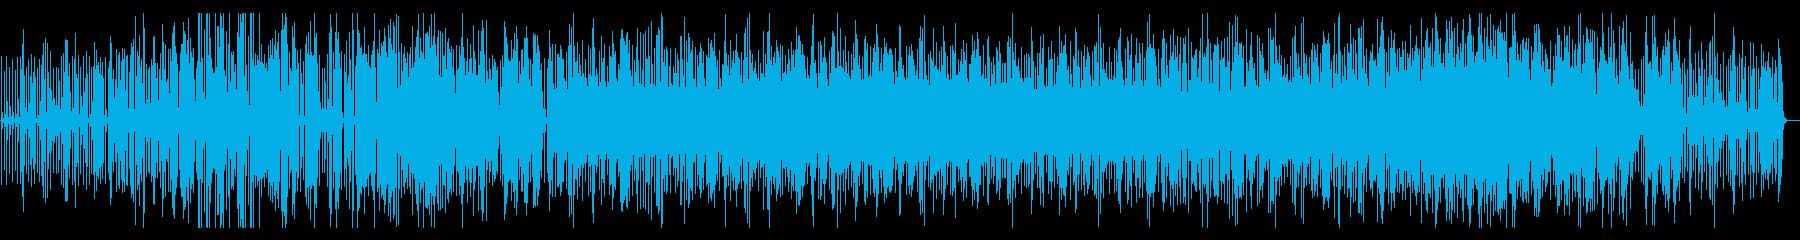 ミドルテンポのエレキギターメイン楽曲ですの再生済みの波形